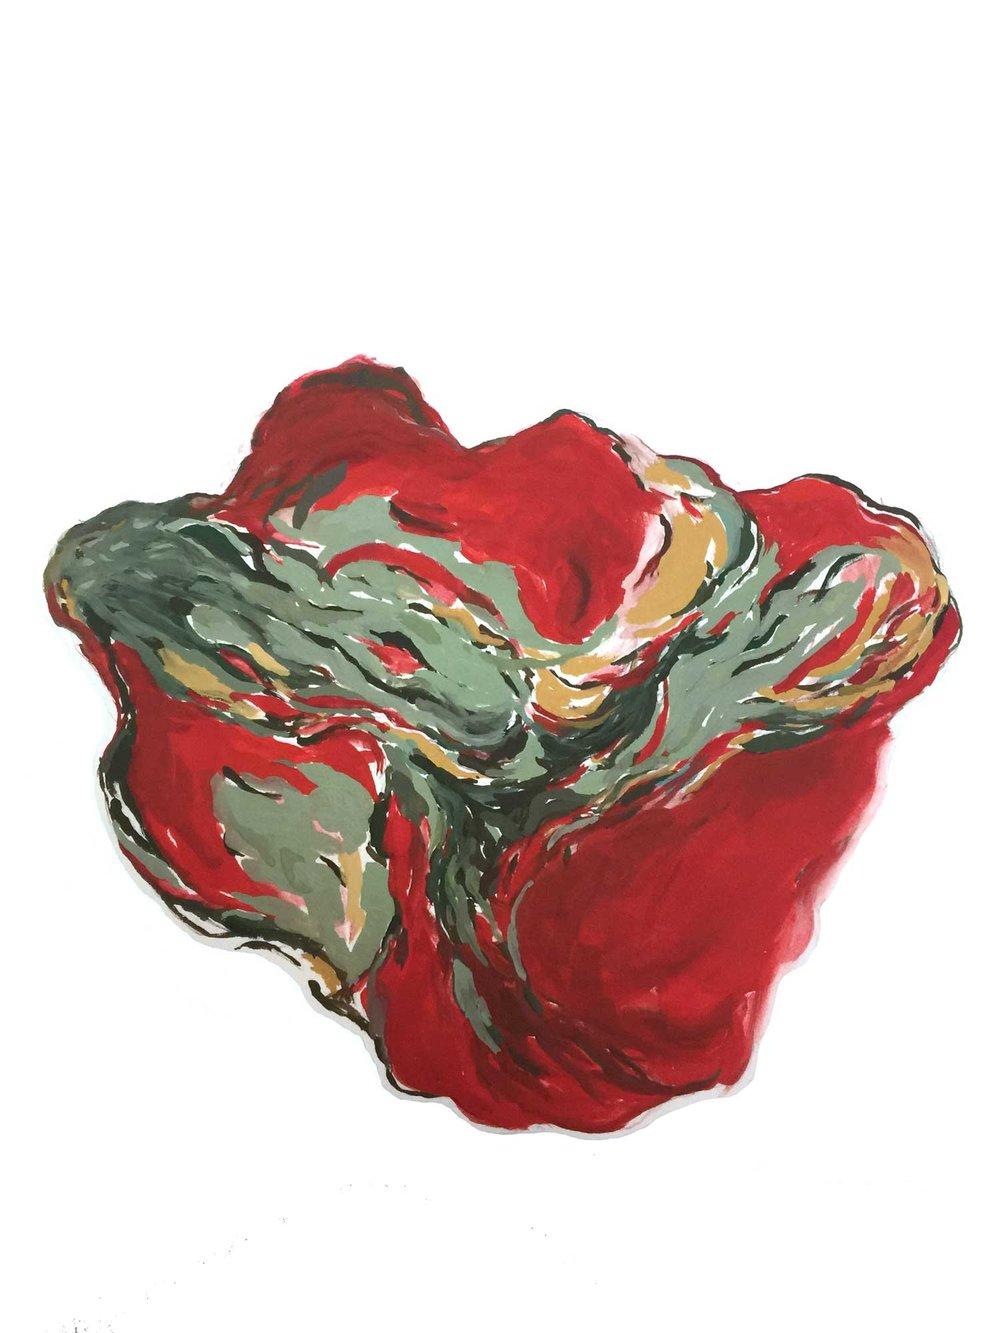 Untitled (Red Basket)